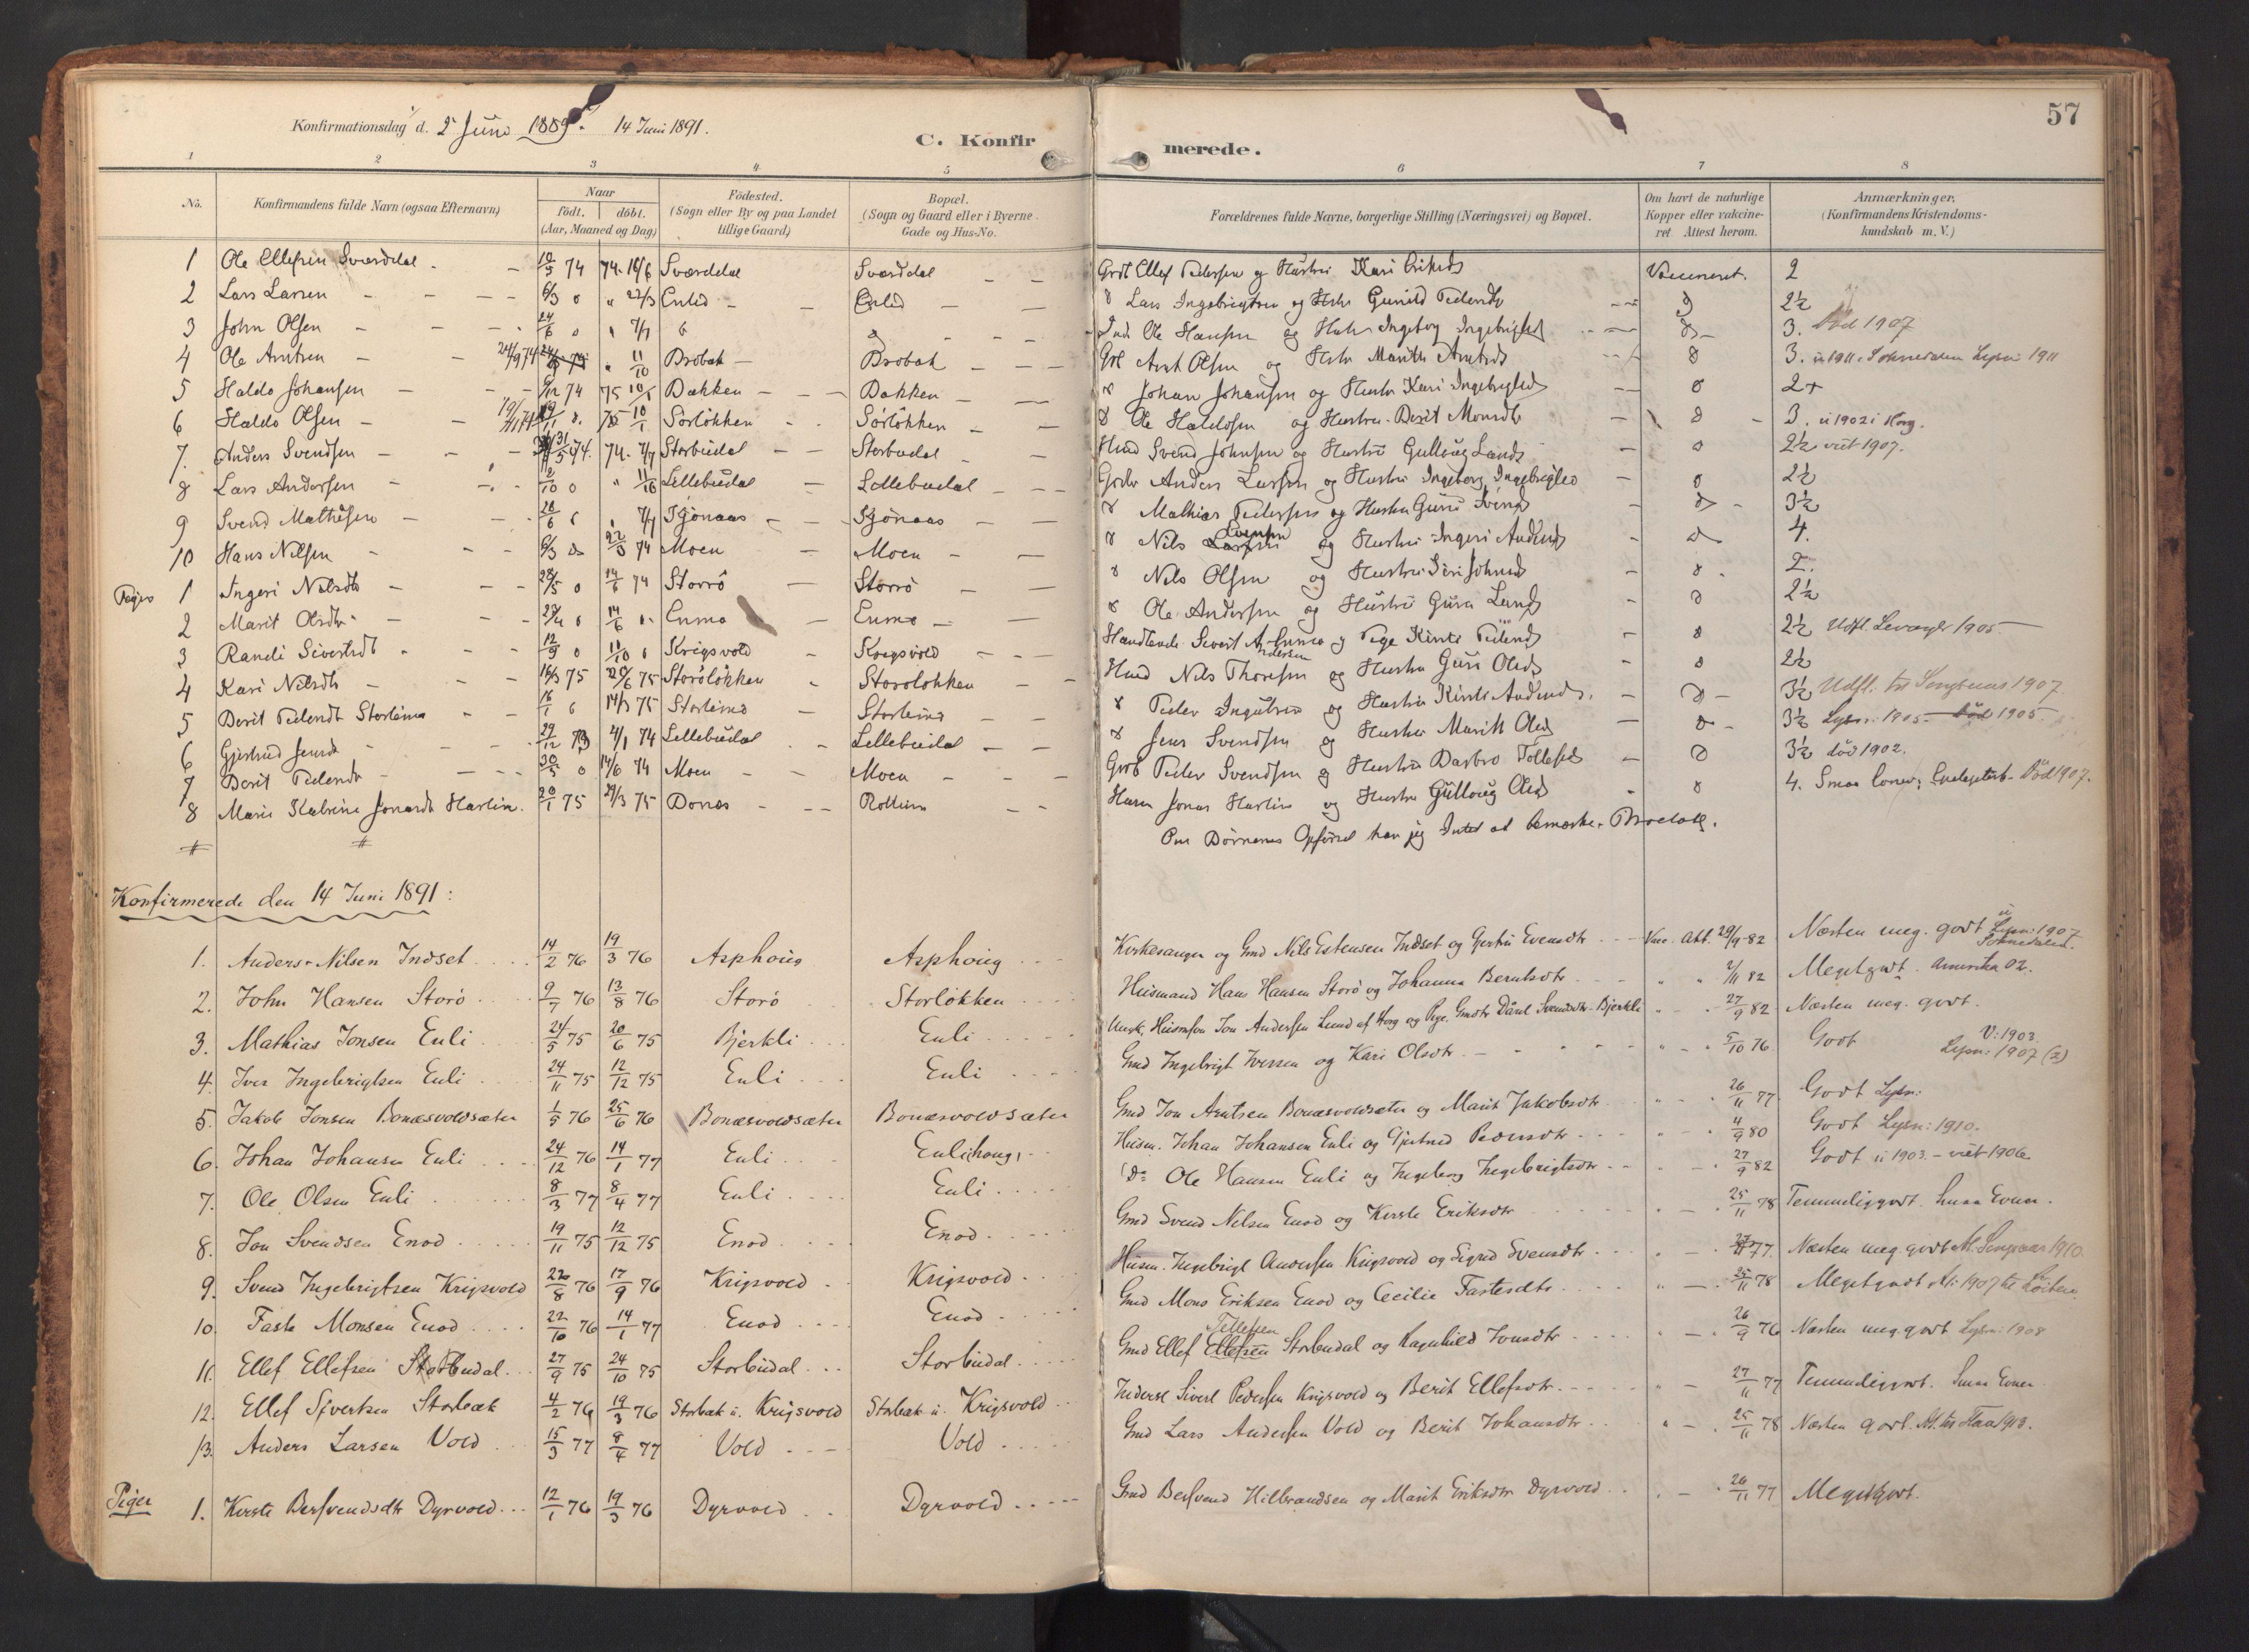 SAT, Ministerialprotokoller, klokkerbøker og fødselsregistre - Sør-Trøndelag, 690/L1050: Ministerialbok nr. 690A01, 1889-1929, s. 57